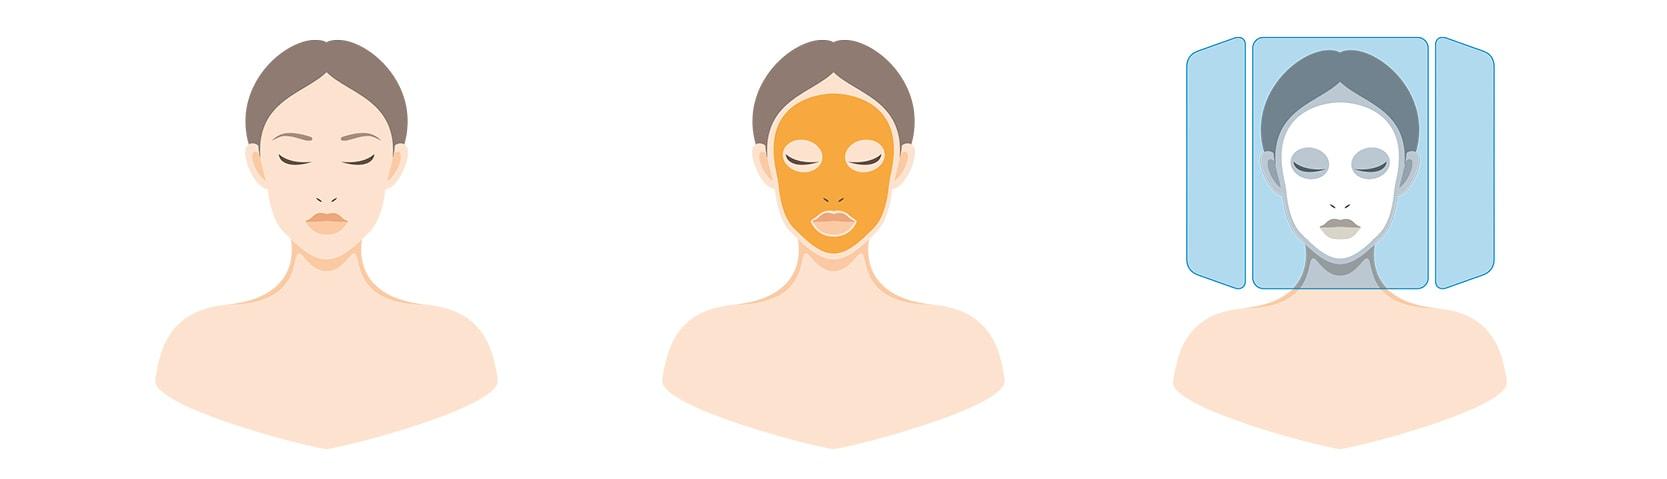 Steps Skinrejuvenation - Nicht-invasive biophotonische Gesichtsbehandlung